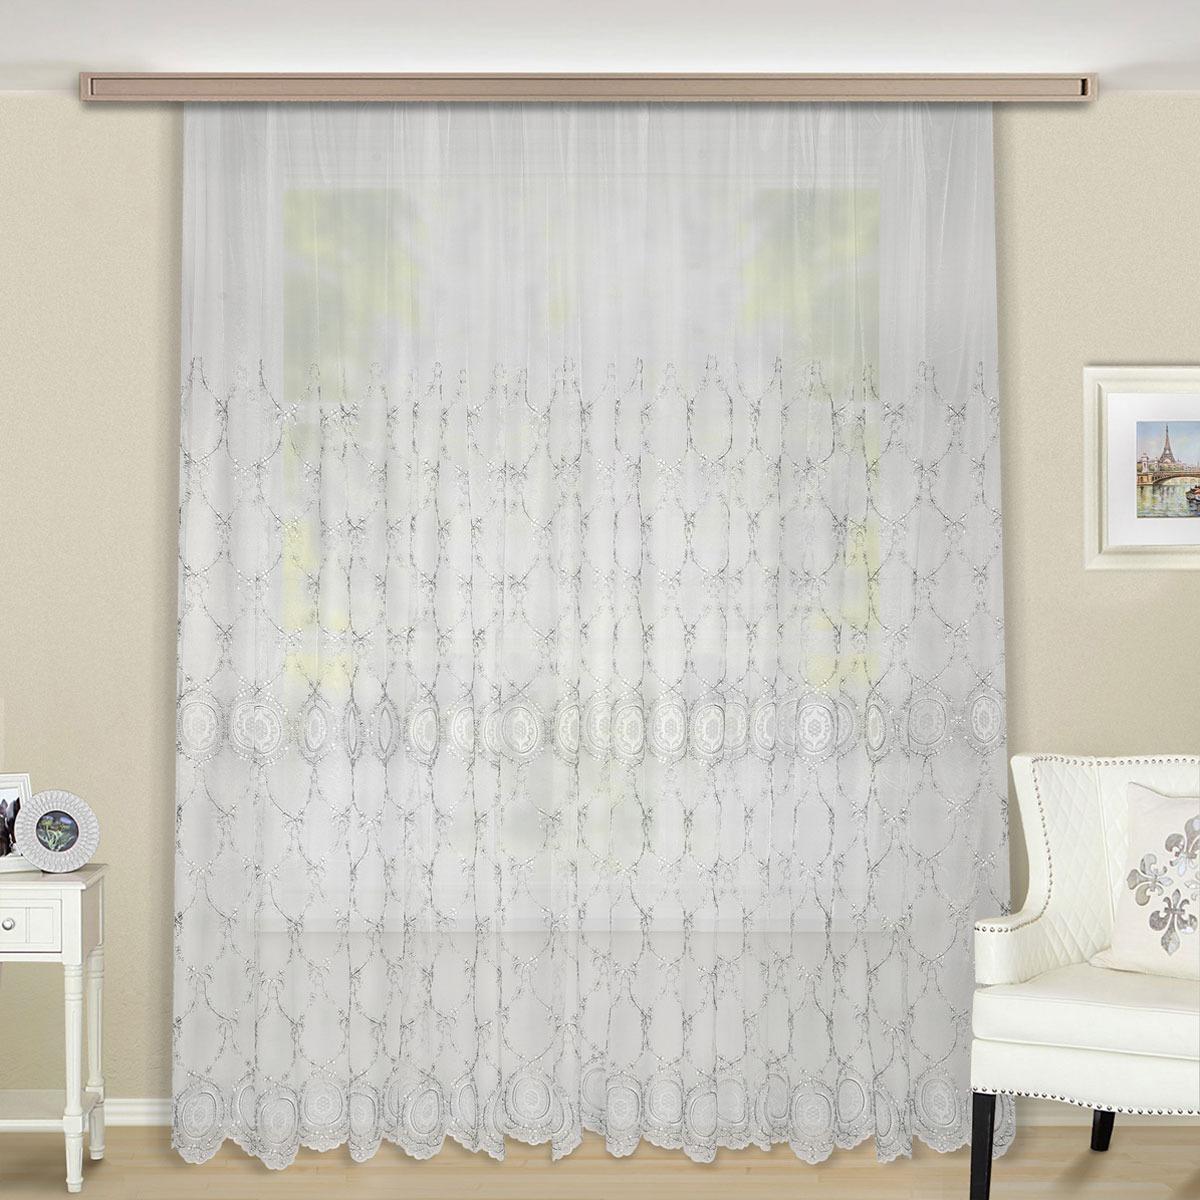 Тюль ТД Текстиль Довиль, на ленте, цвет: серебристый, 270 х 400 см цена